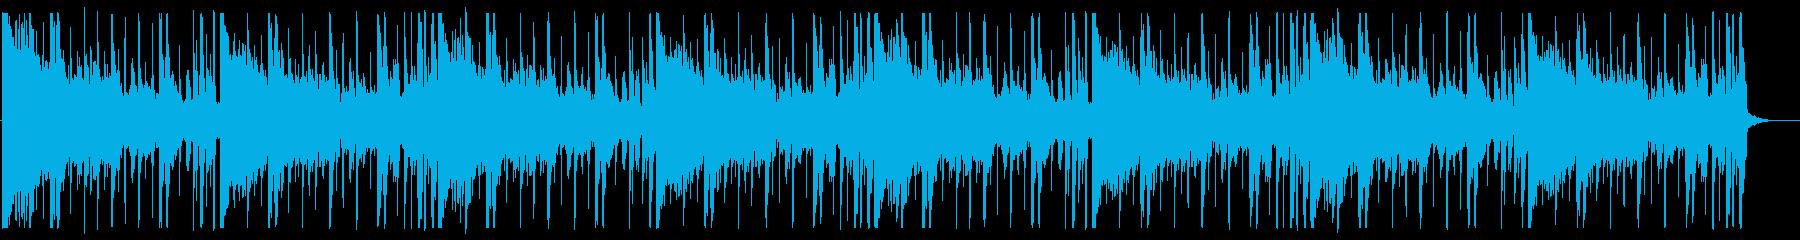 レトロ/夏_No595_5の再生済みの波形